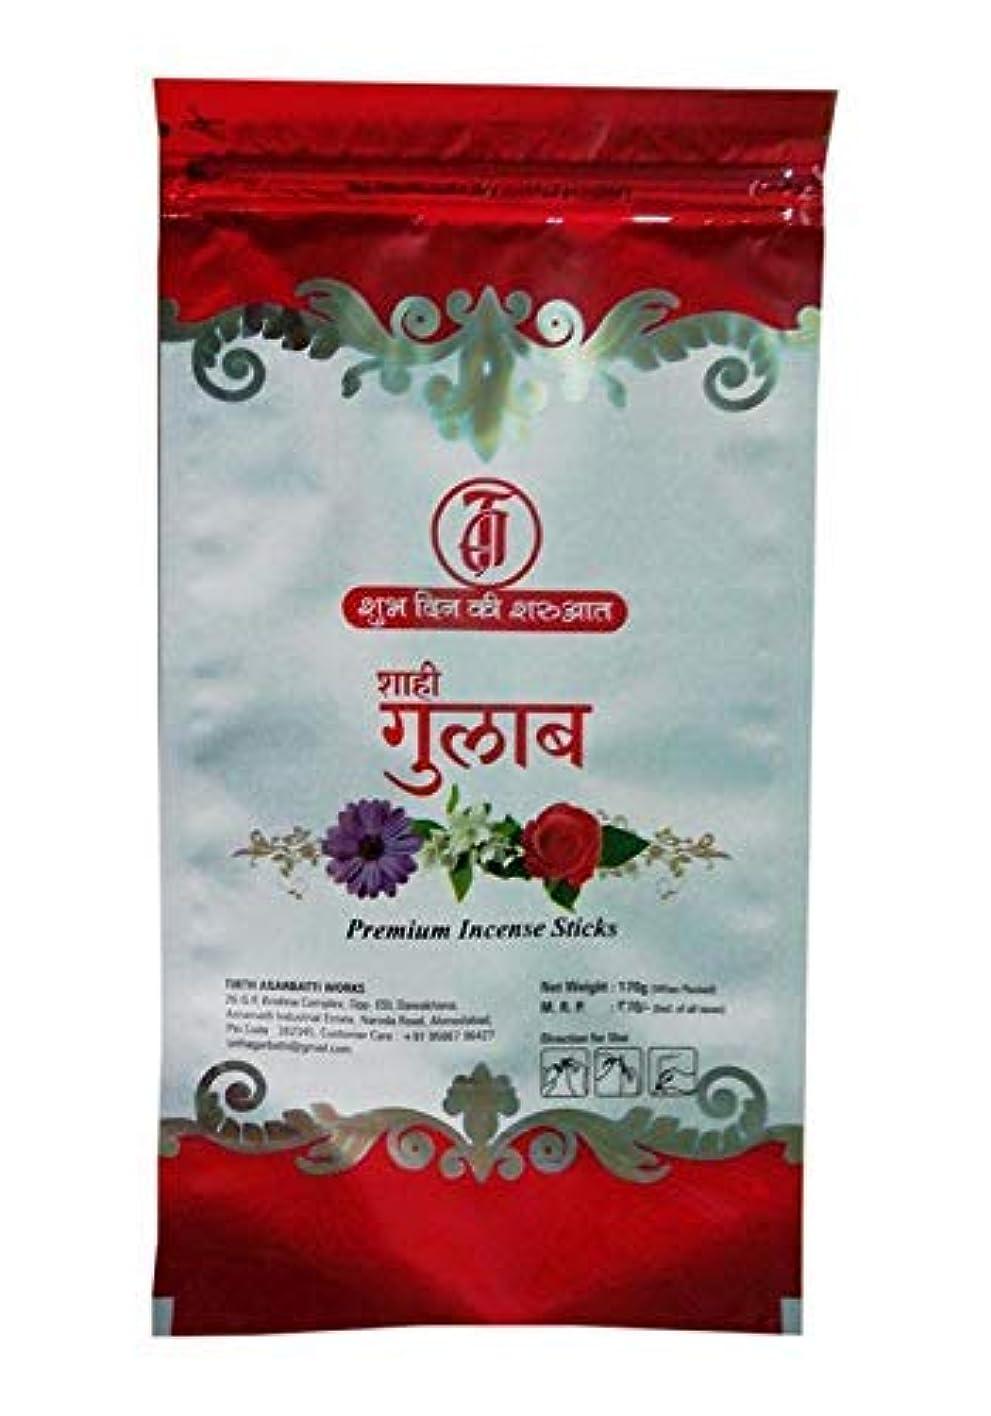 ホイットニー細分化するメダルTIRTH Sahi Gulab Premium Incense Stick/Agarbatti (170 GM Pack) Pack of 2